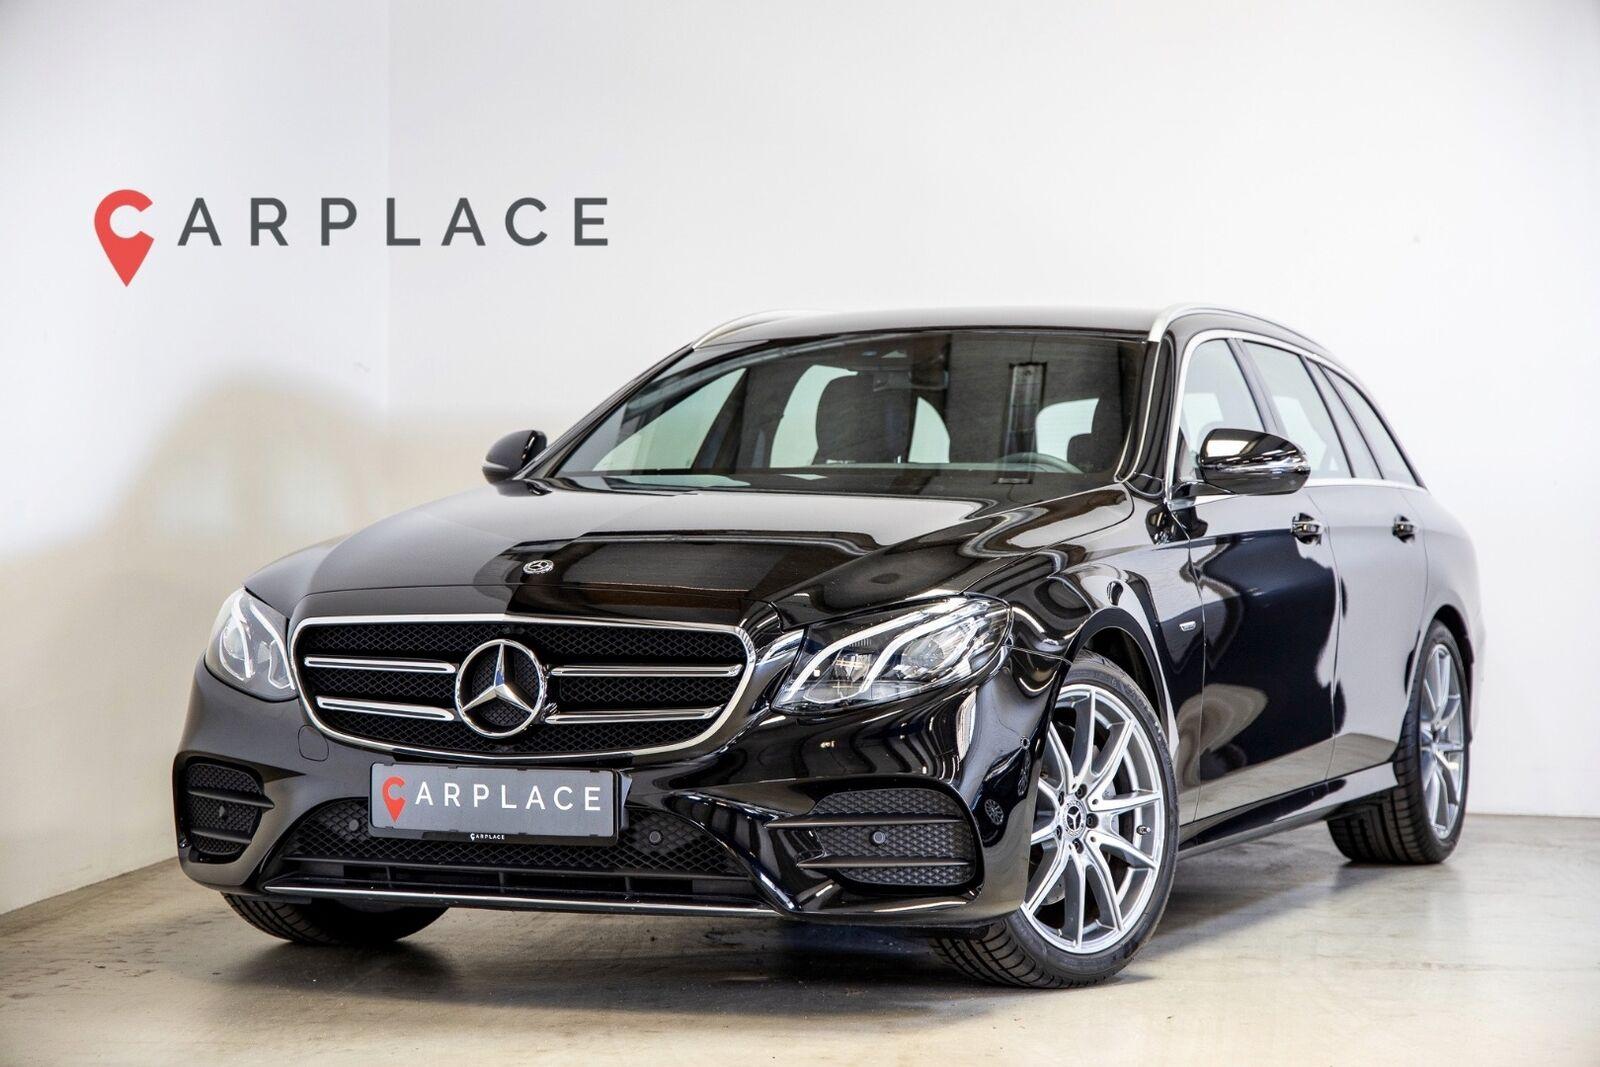 Mercedes E220 d 2,0 Advantage AMG stc. aut. 5d - 549.900 kr.